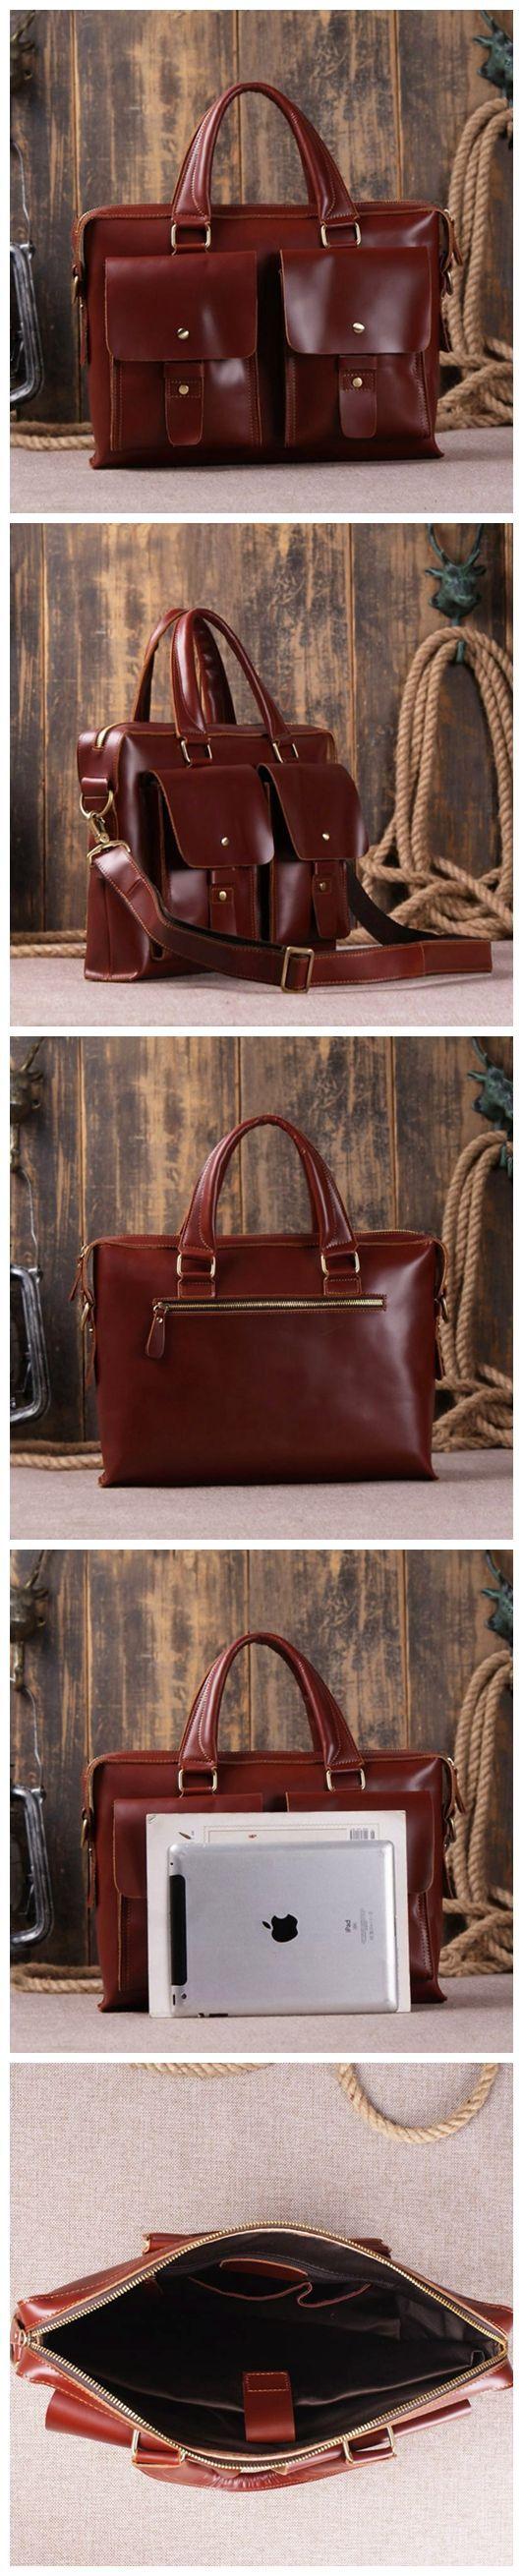 Genuine Leather Briefcase, Messenger Bag, Laptop Bag